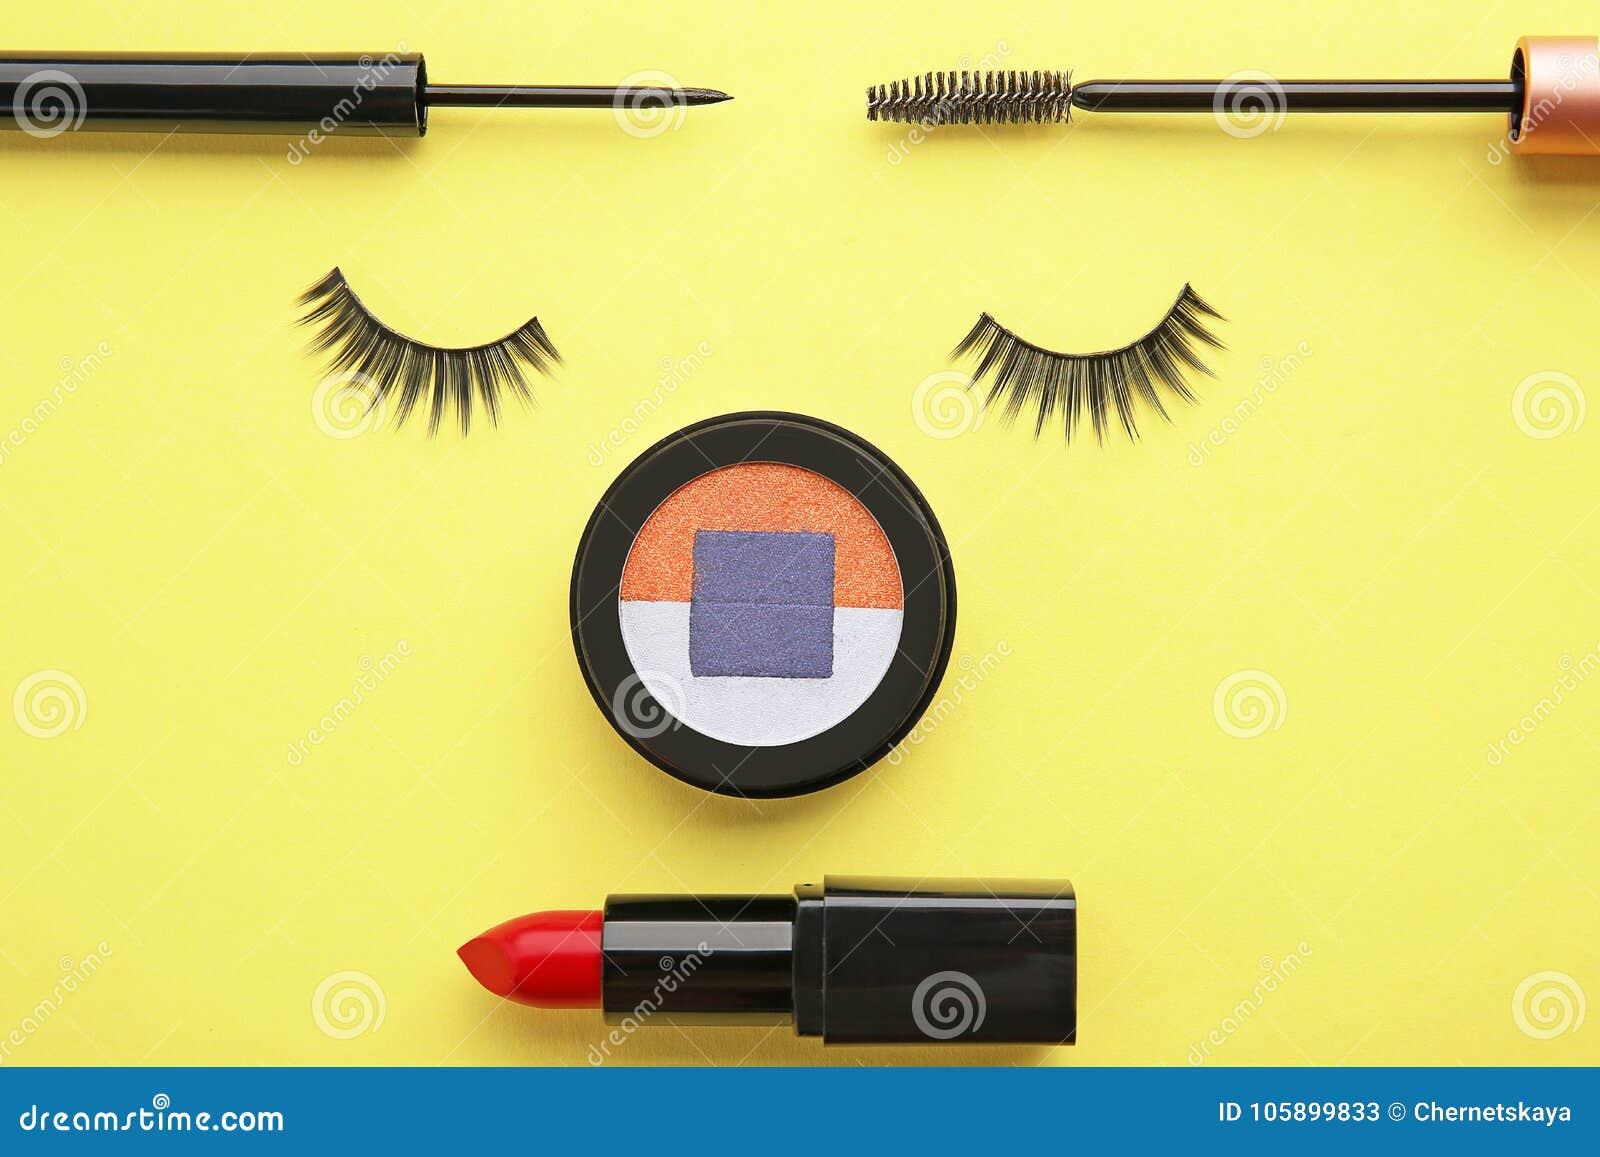 1e75812b2c5 Set For Makeup With False Eyelashes Stock Image - Image of false ...